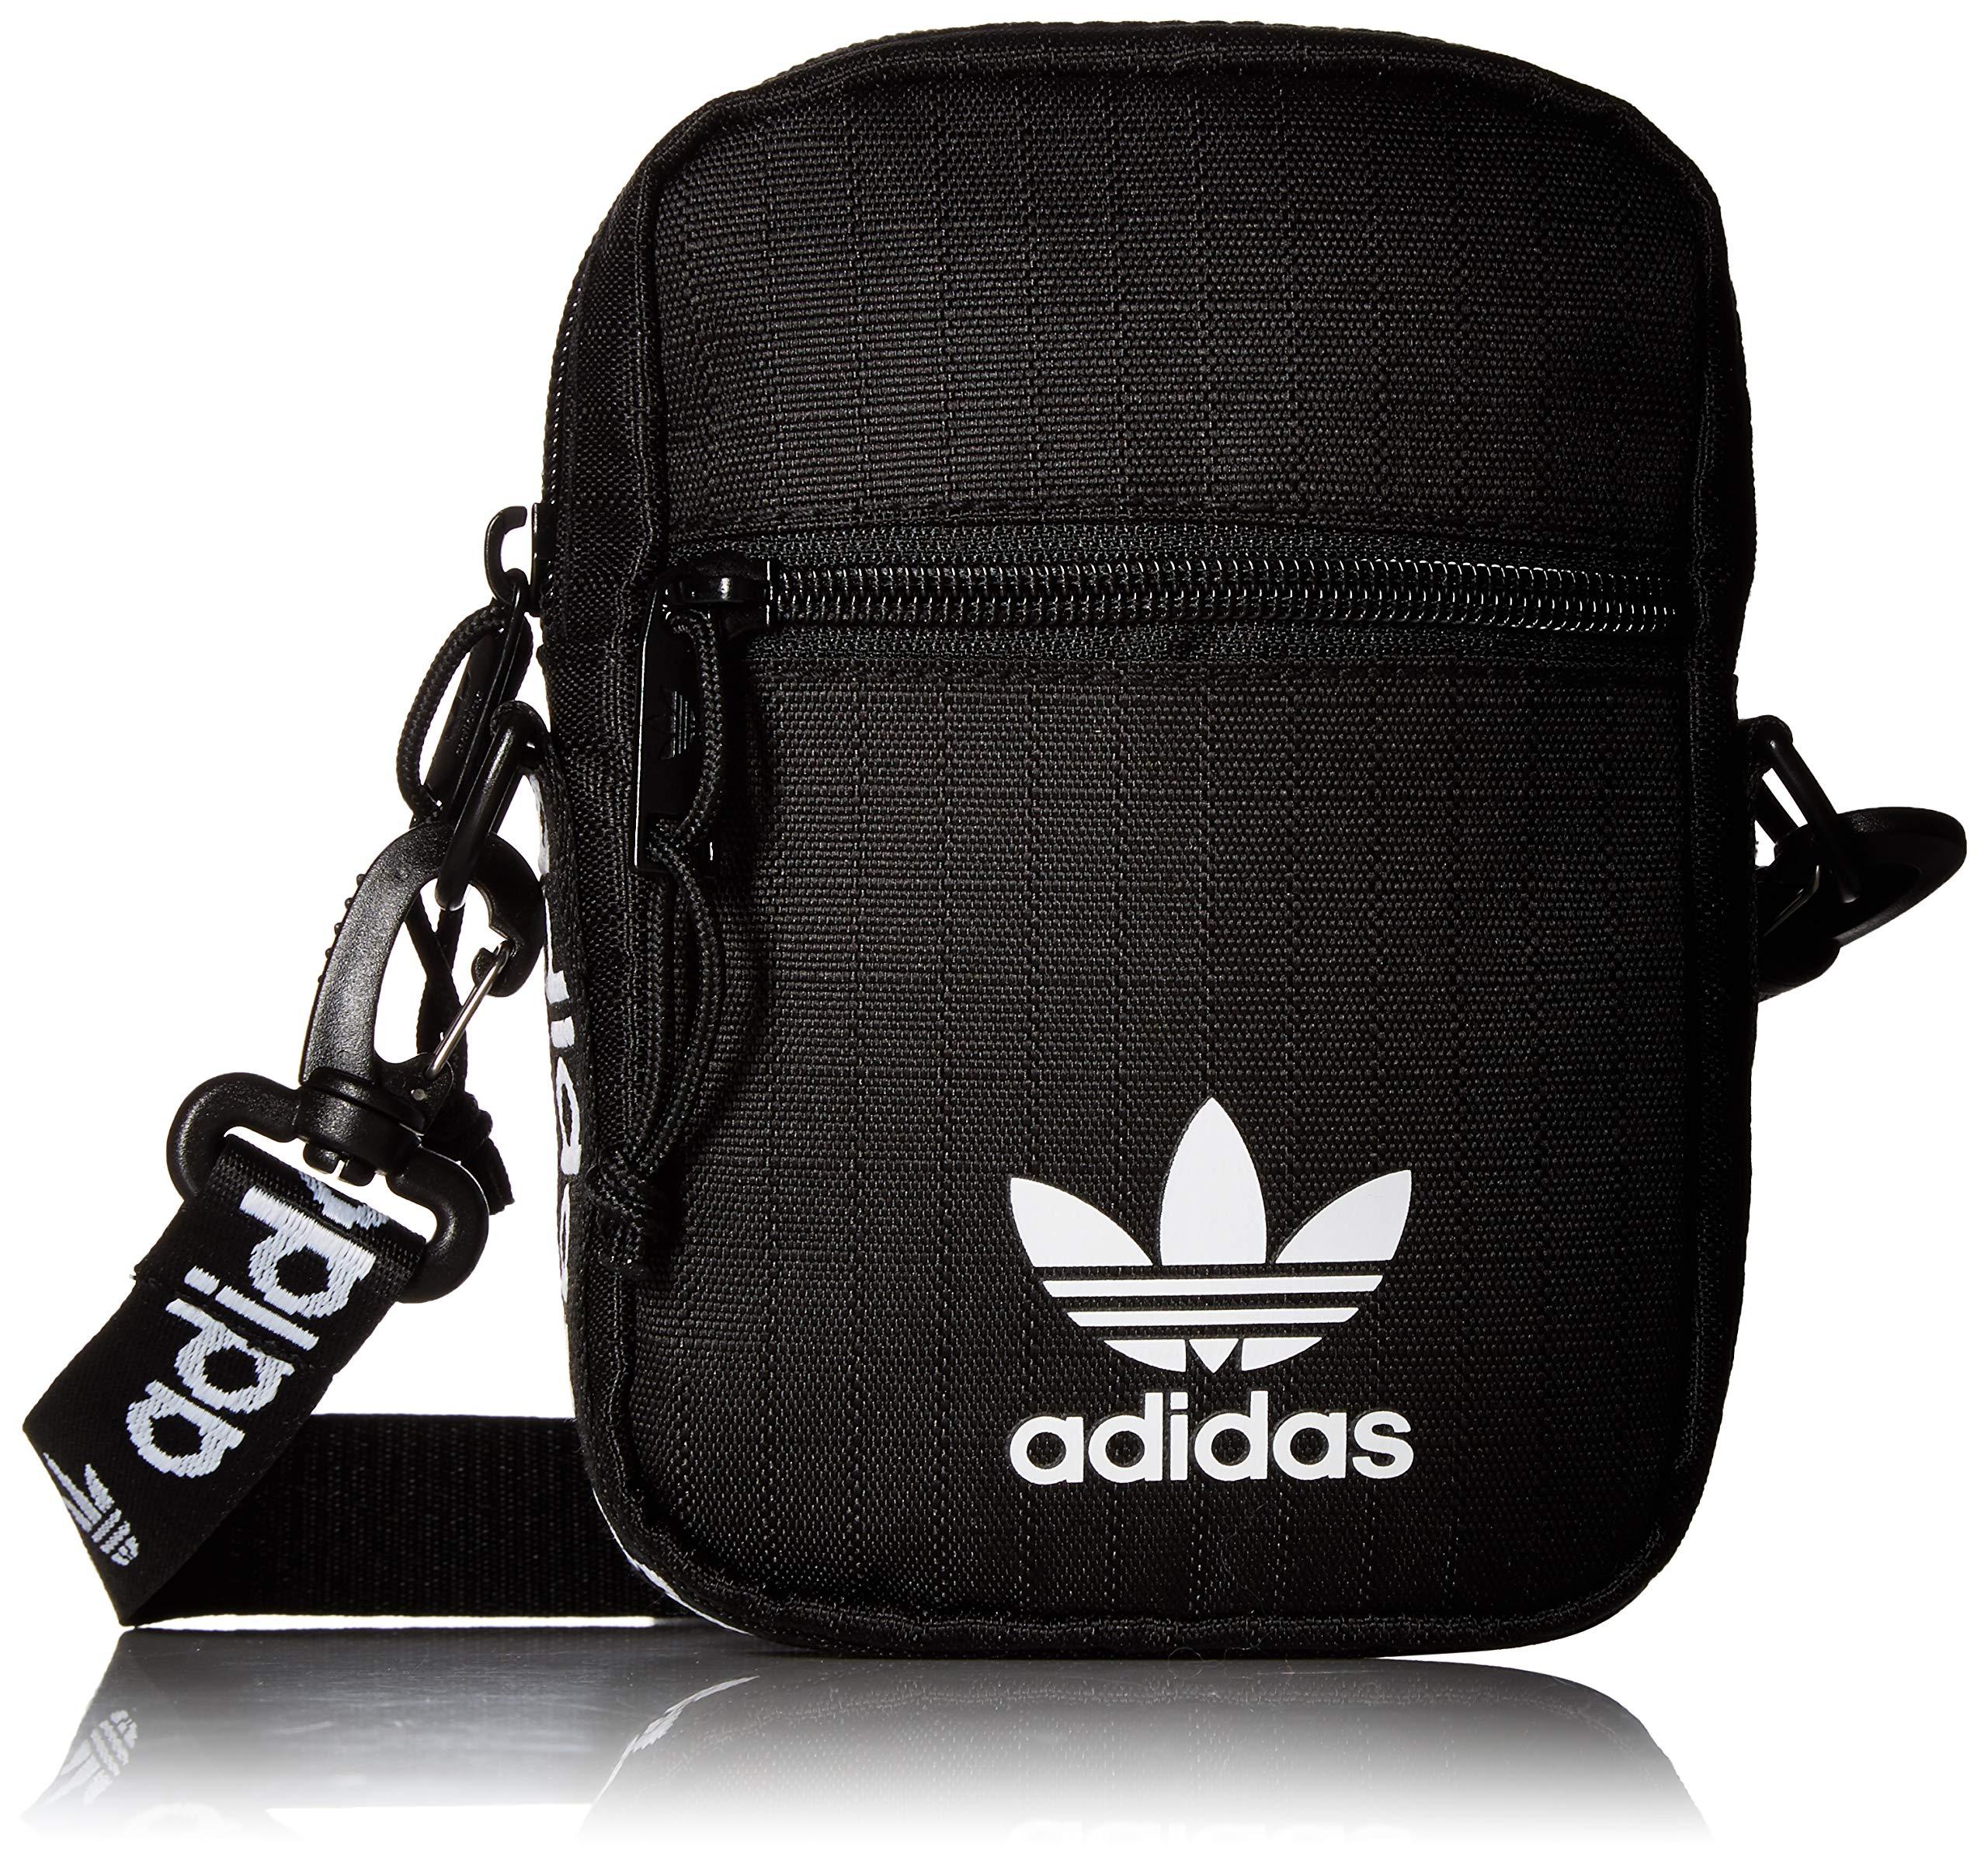 adidas Originals Festival Crossbody Bag, Black/White, One Size